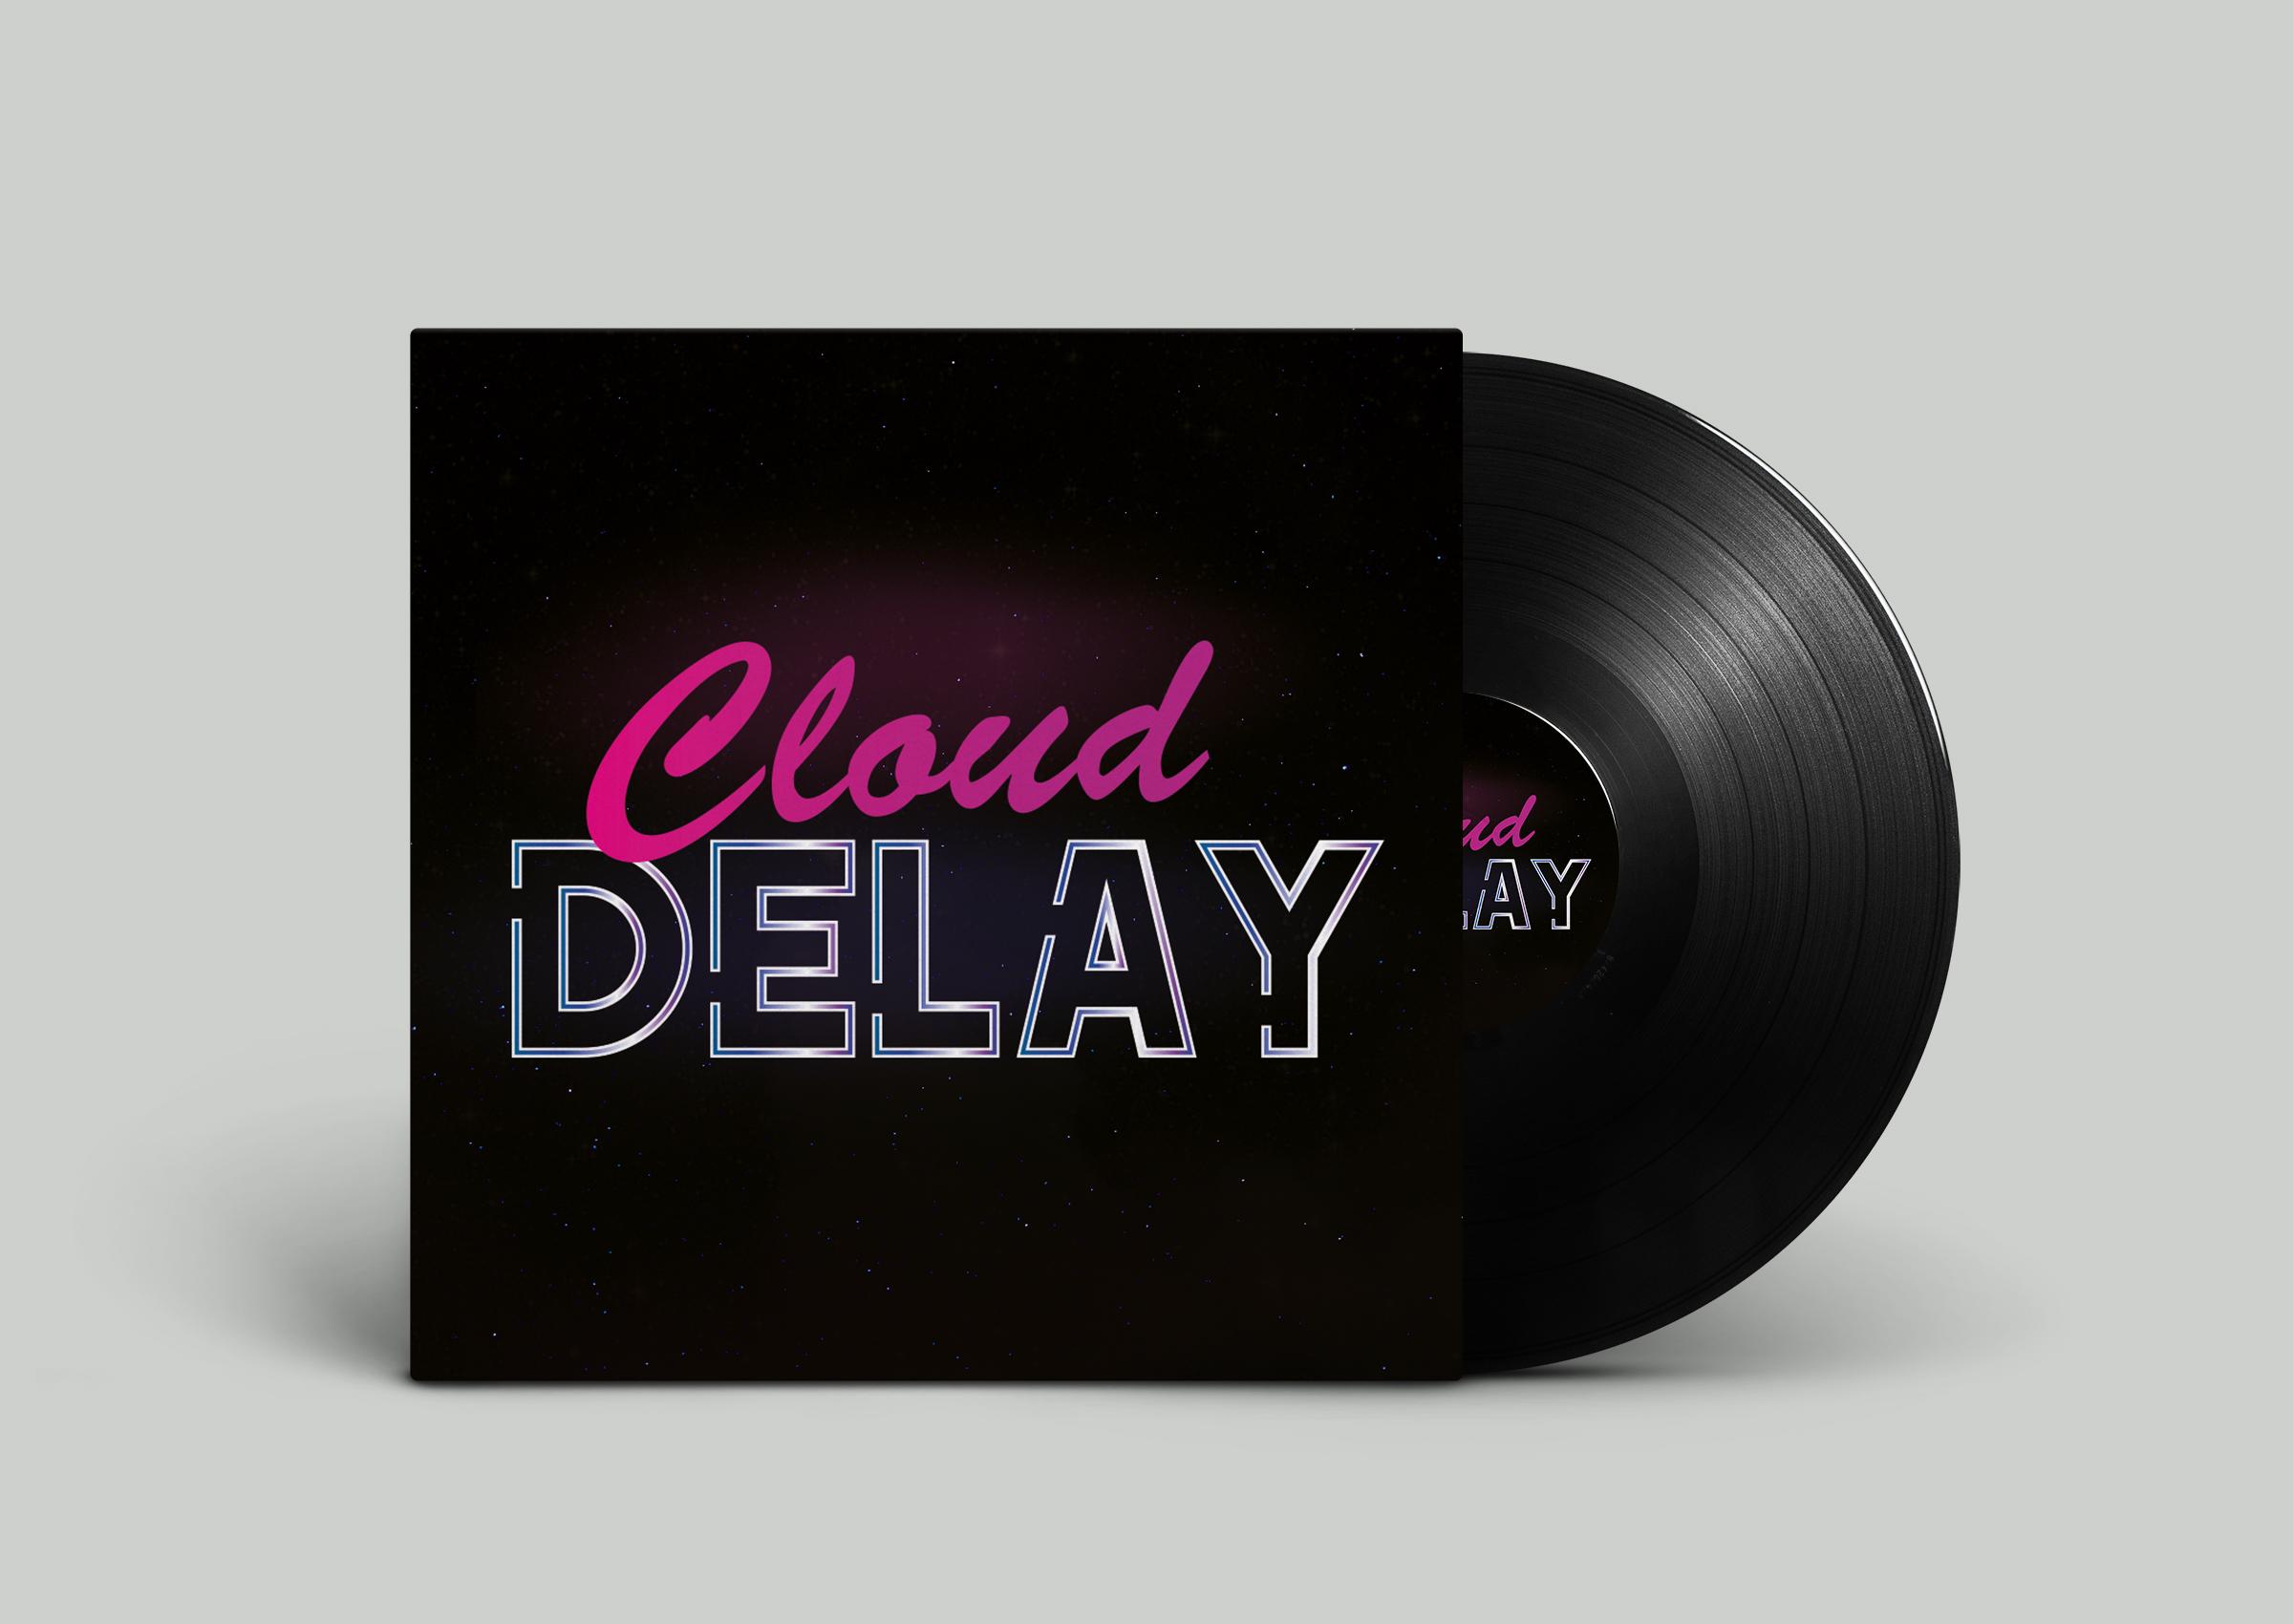 Логотип музыкального проекта и обложка сингла фото f_3715b6721f313463.jpg